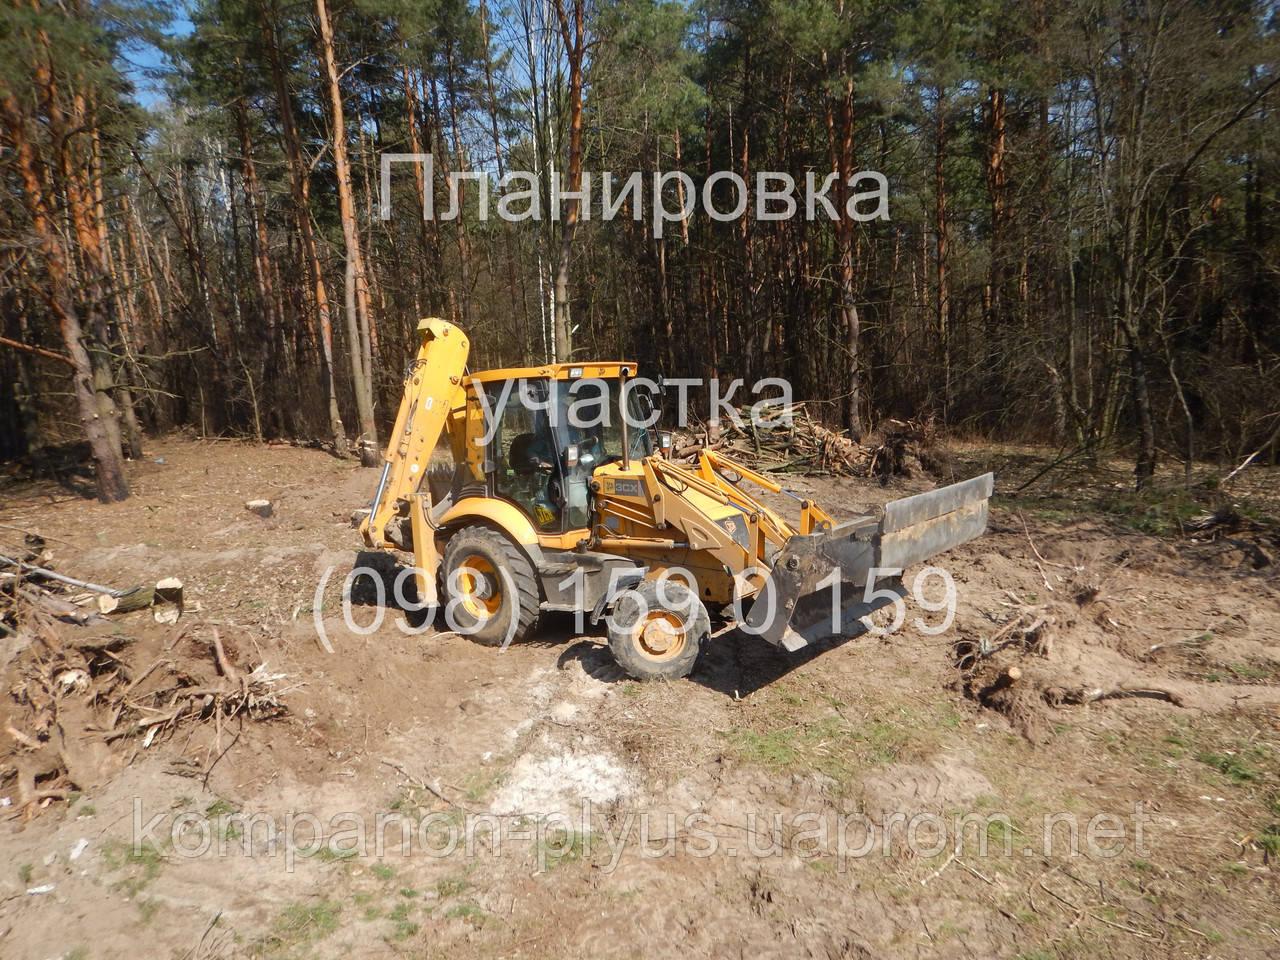 Экскаватор погрузчик аренда (098) 159 0 159